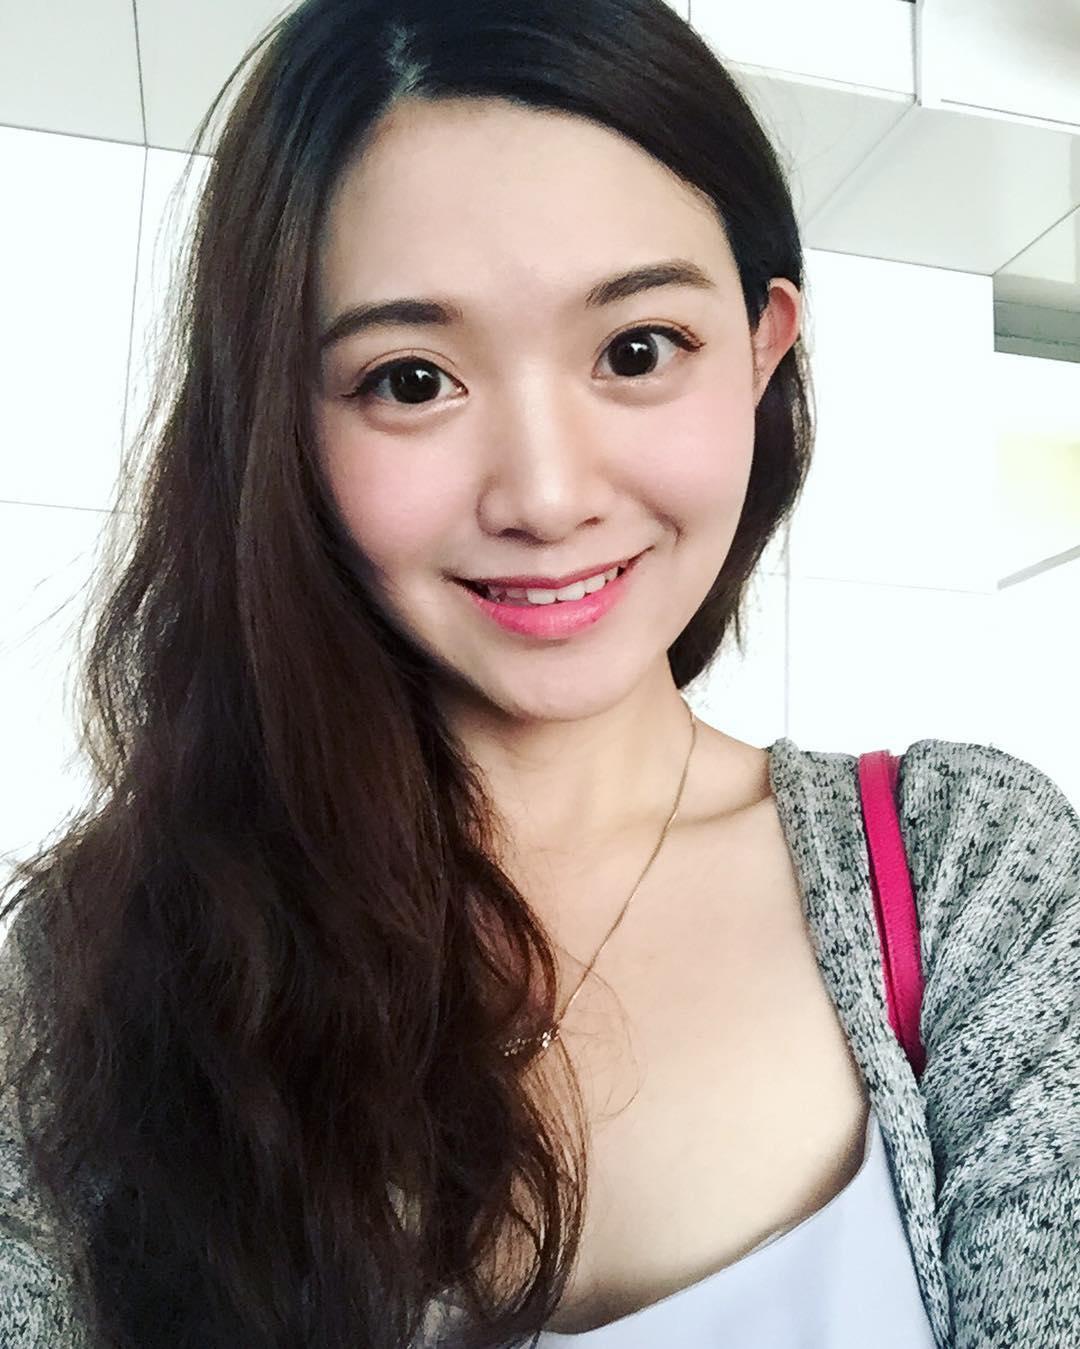 Nữ cảnh sát xinh đẹp phải khóa instagram vì quá nổi tiếng